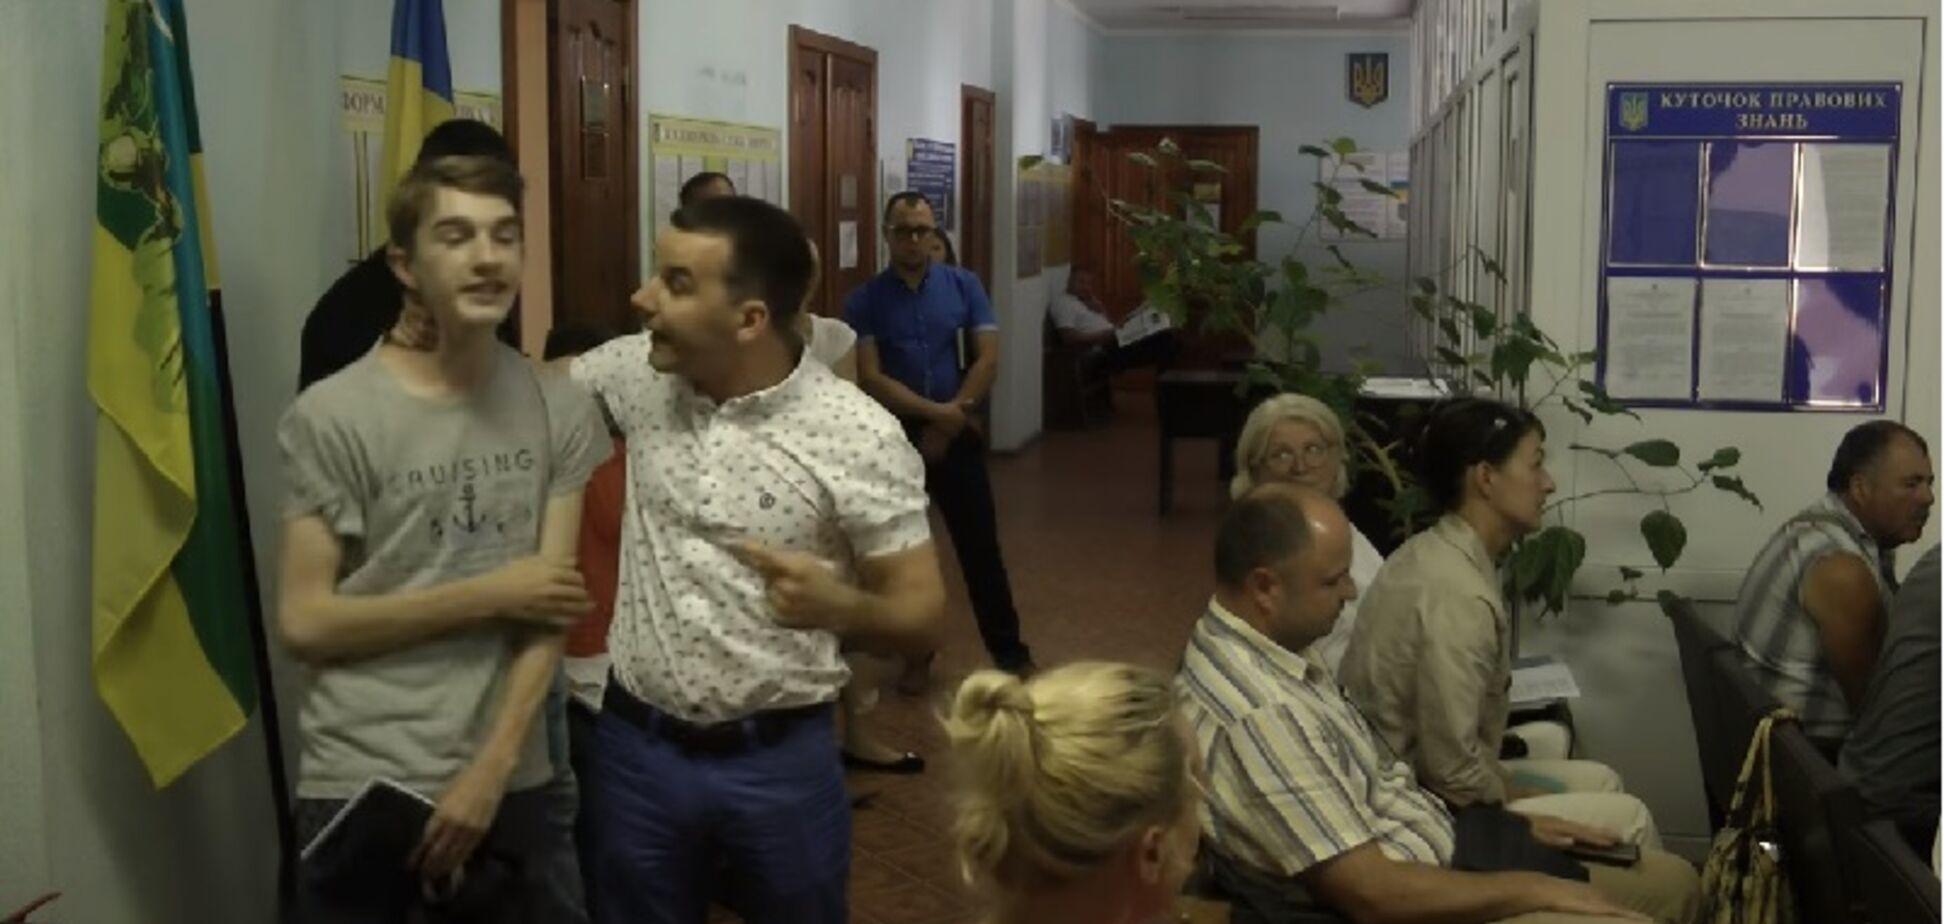 'Не займайся х*рнею': скандал із самосудом депутата над школярем під Києвом отримав продовження